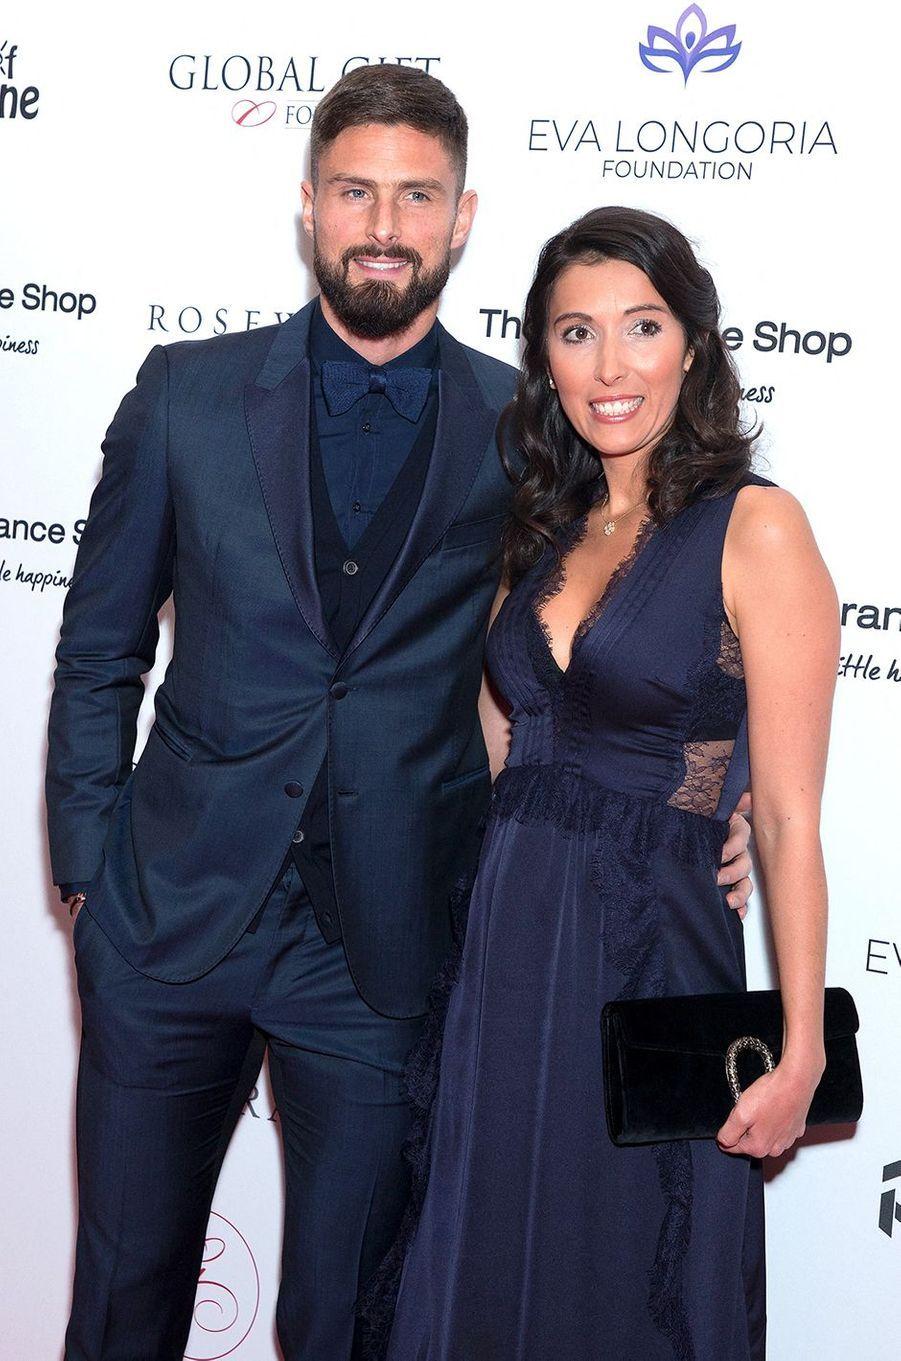 Olivier et Jennifer Giroud sont parents pour la quatrième fois en 2020. Leur fille Aria est née en novembre.